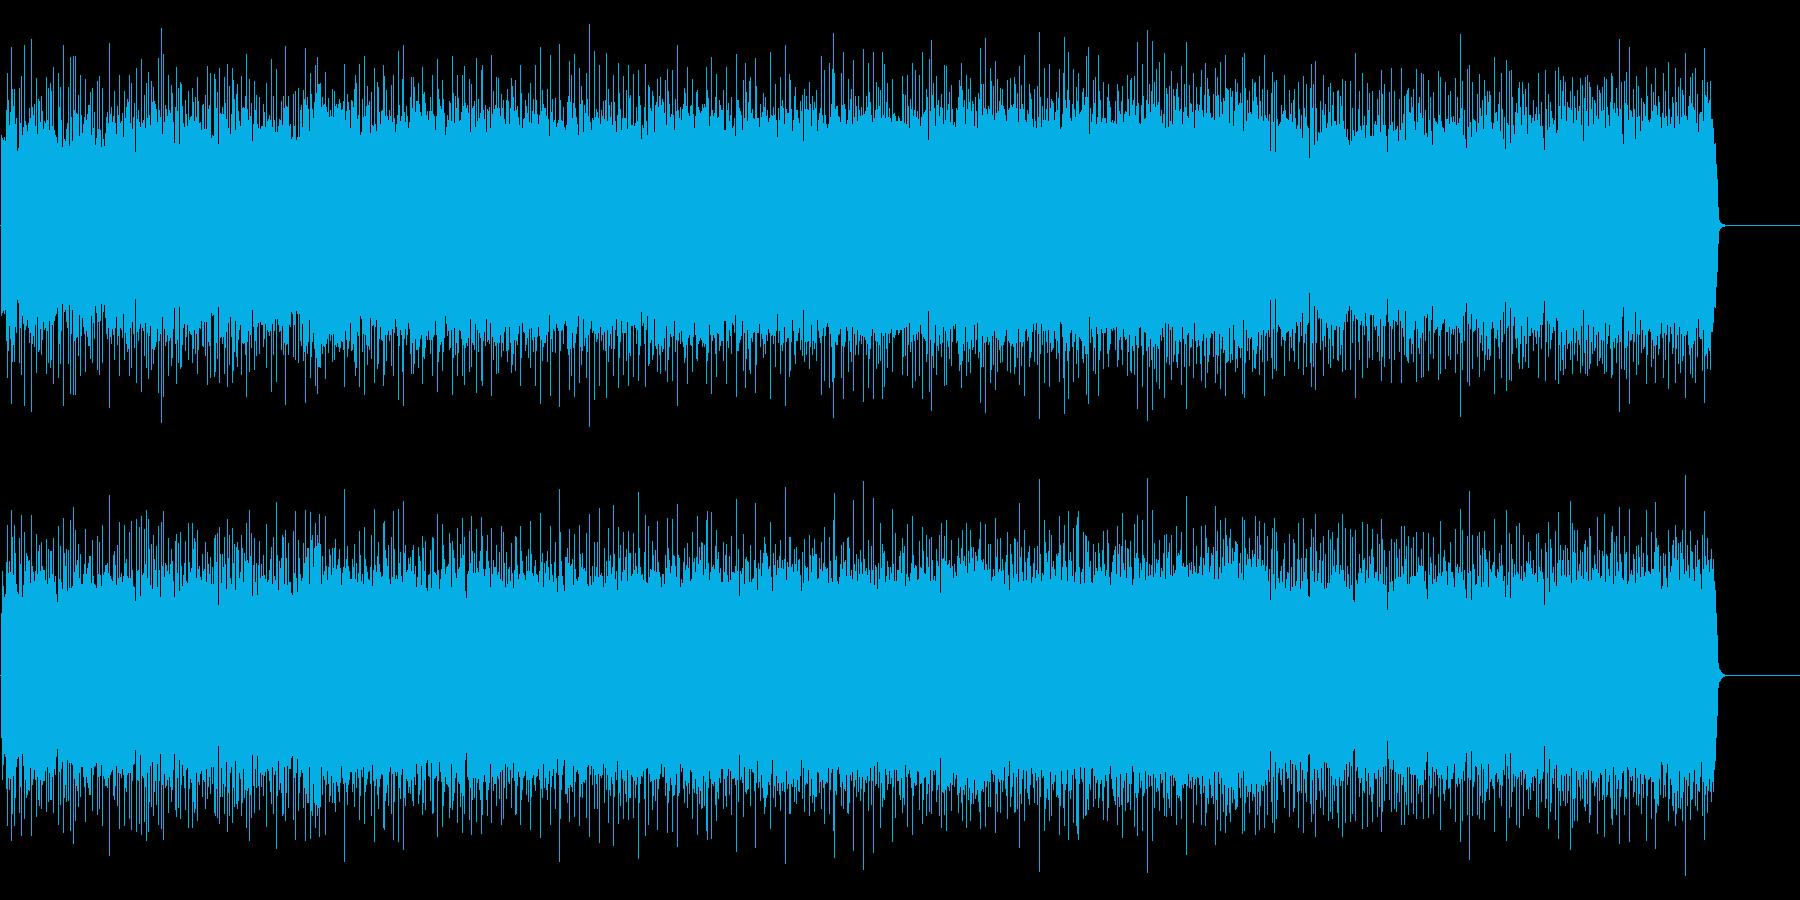 激しい愛の様に情熱的な歌謡曲風の曲の再生済みの波形